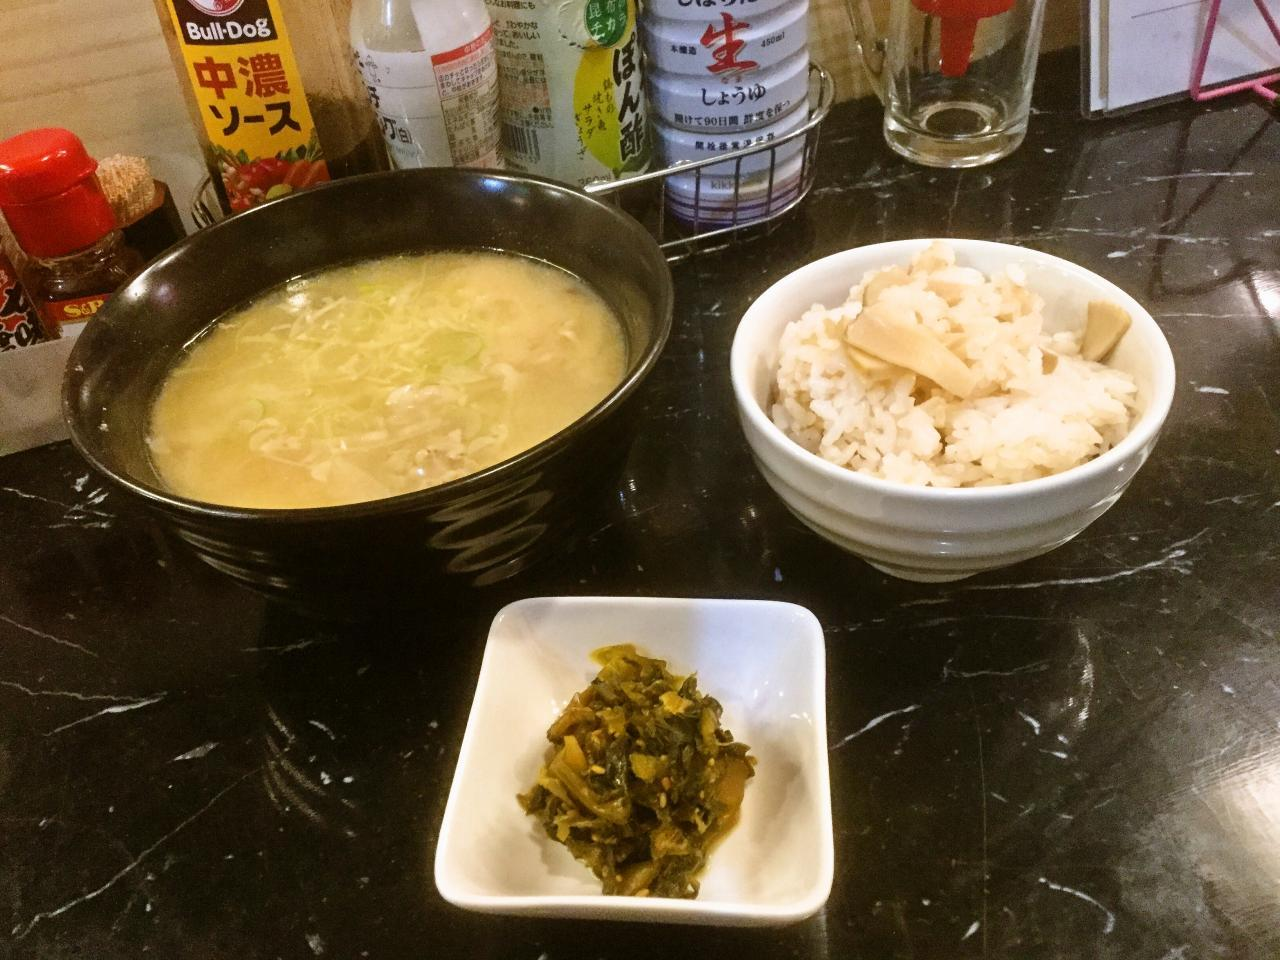 あげ市 鶴見店(前菜)